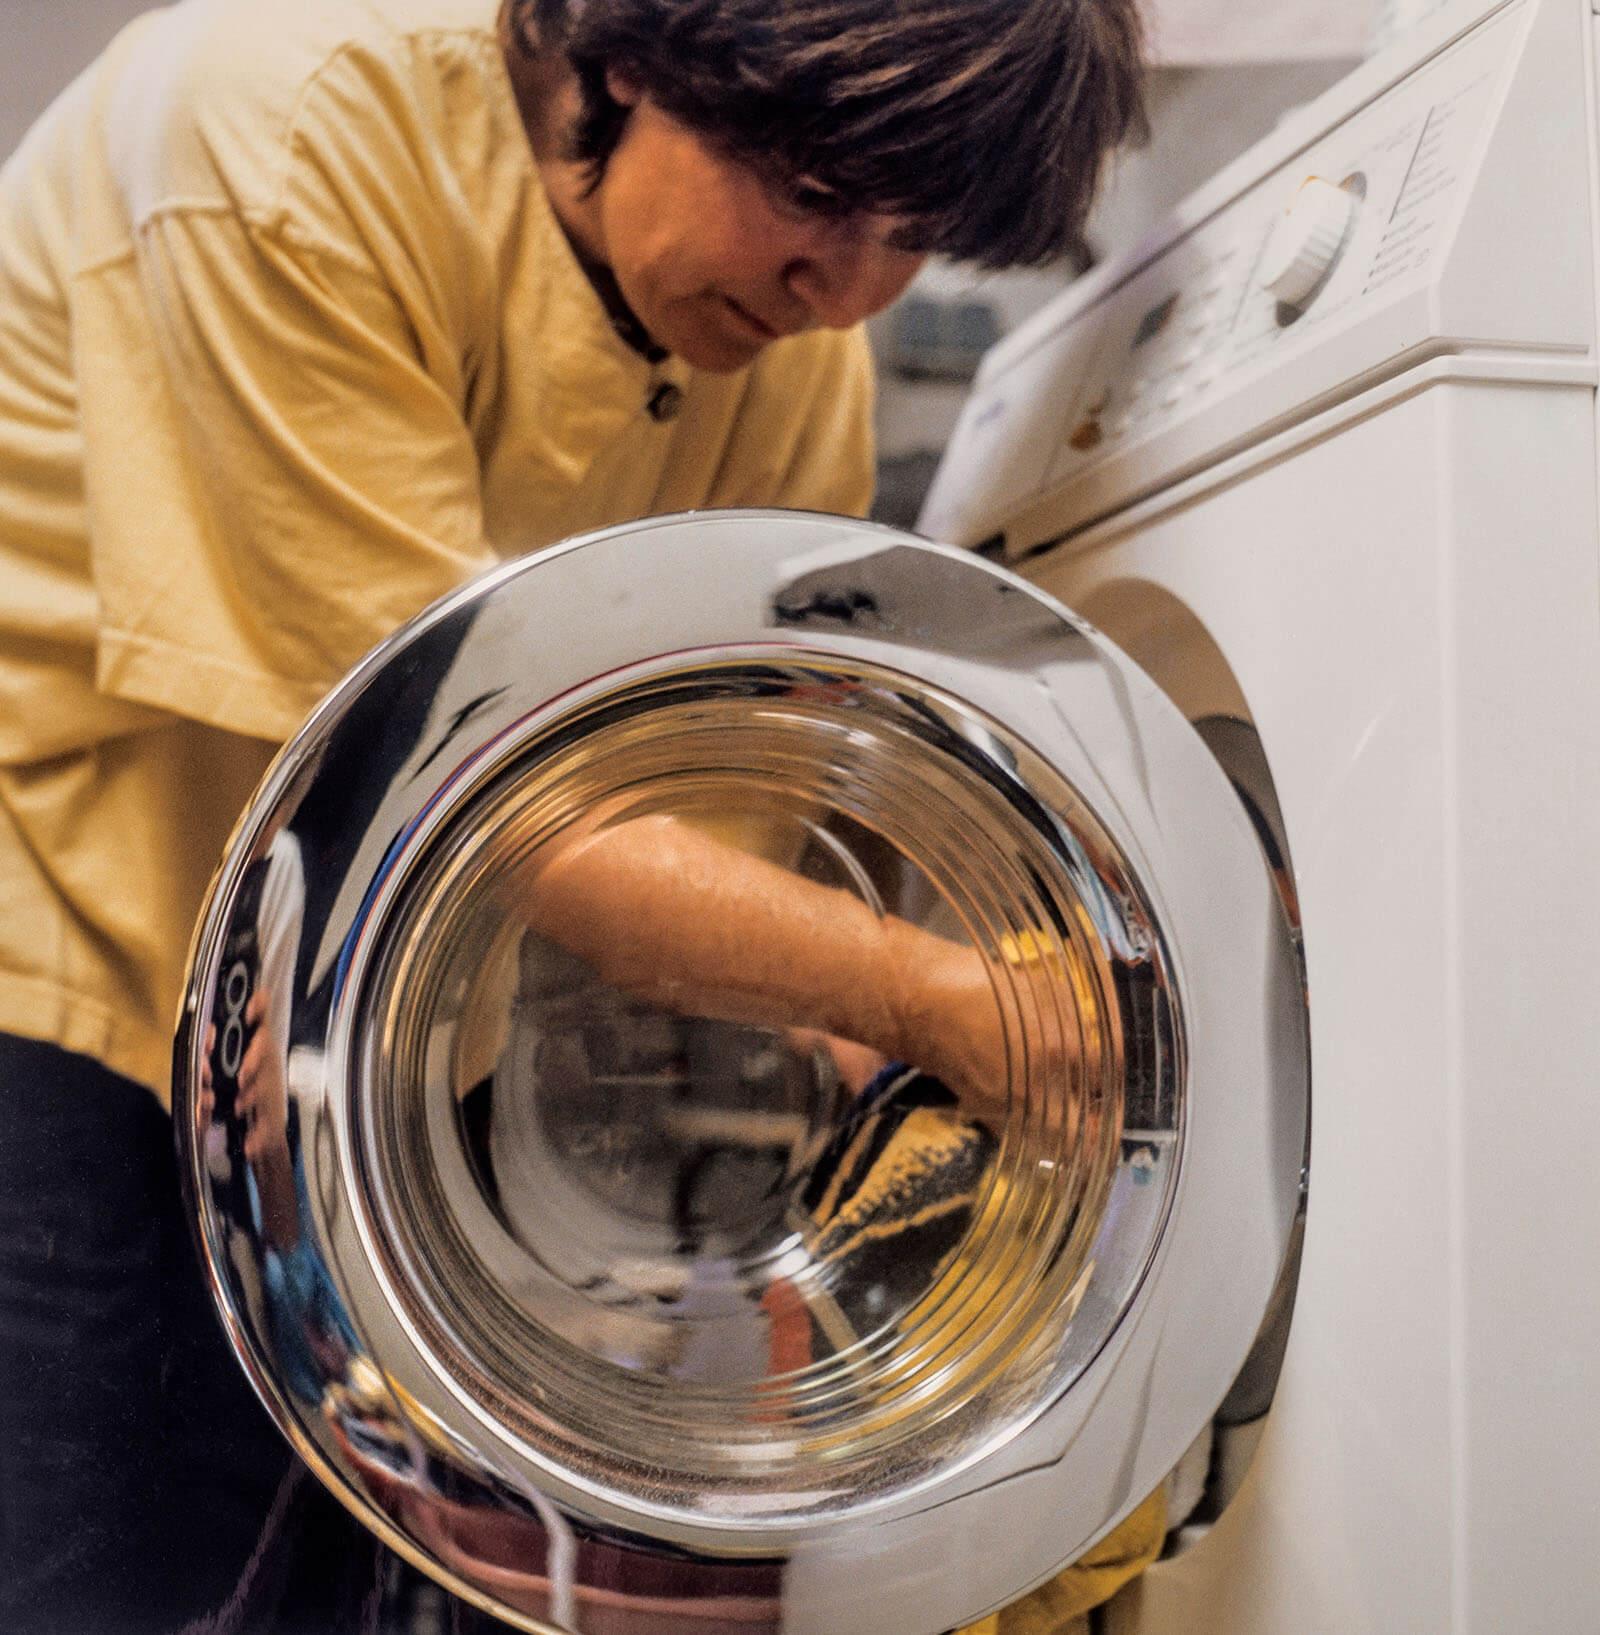 https://hdo-gmbh.com/wp-content/uploads/HDO_images_1600x1635_0014_HDO-HDOGruppe_Historie_70er_waschmaschinenring.jpg